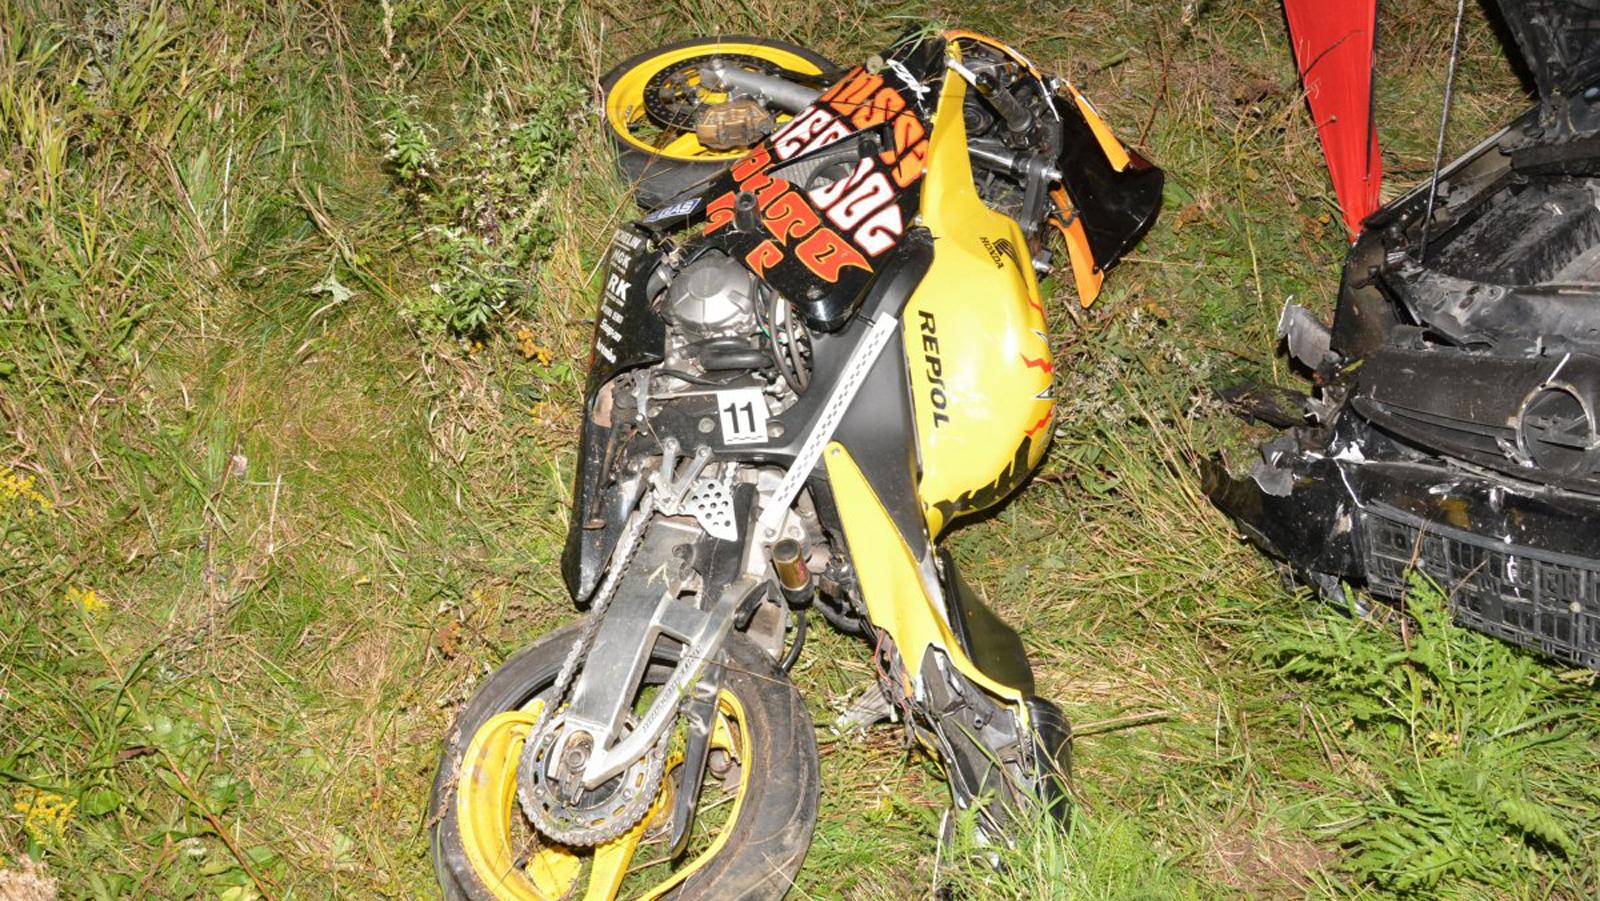 PODKARPACIE: Pijany uderzył osobówką w motocykl. Kierowca nie żyje [ZDJĘCIA] - Zdjęcie główne